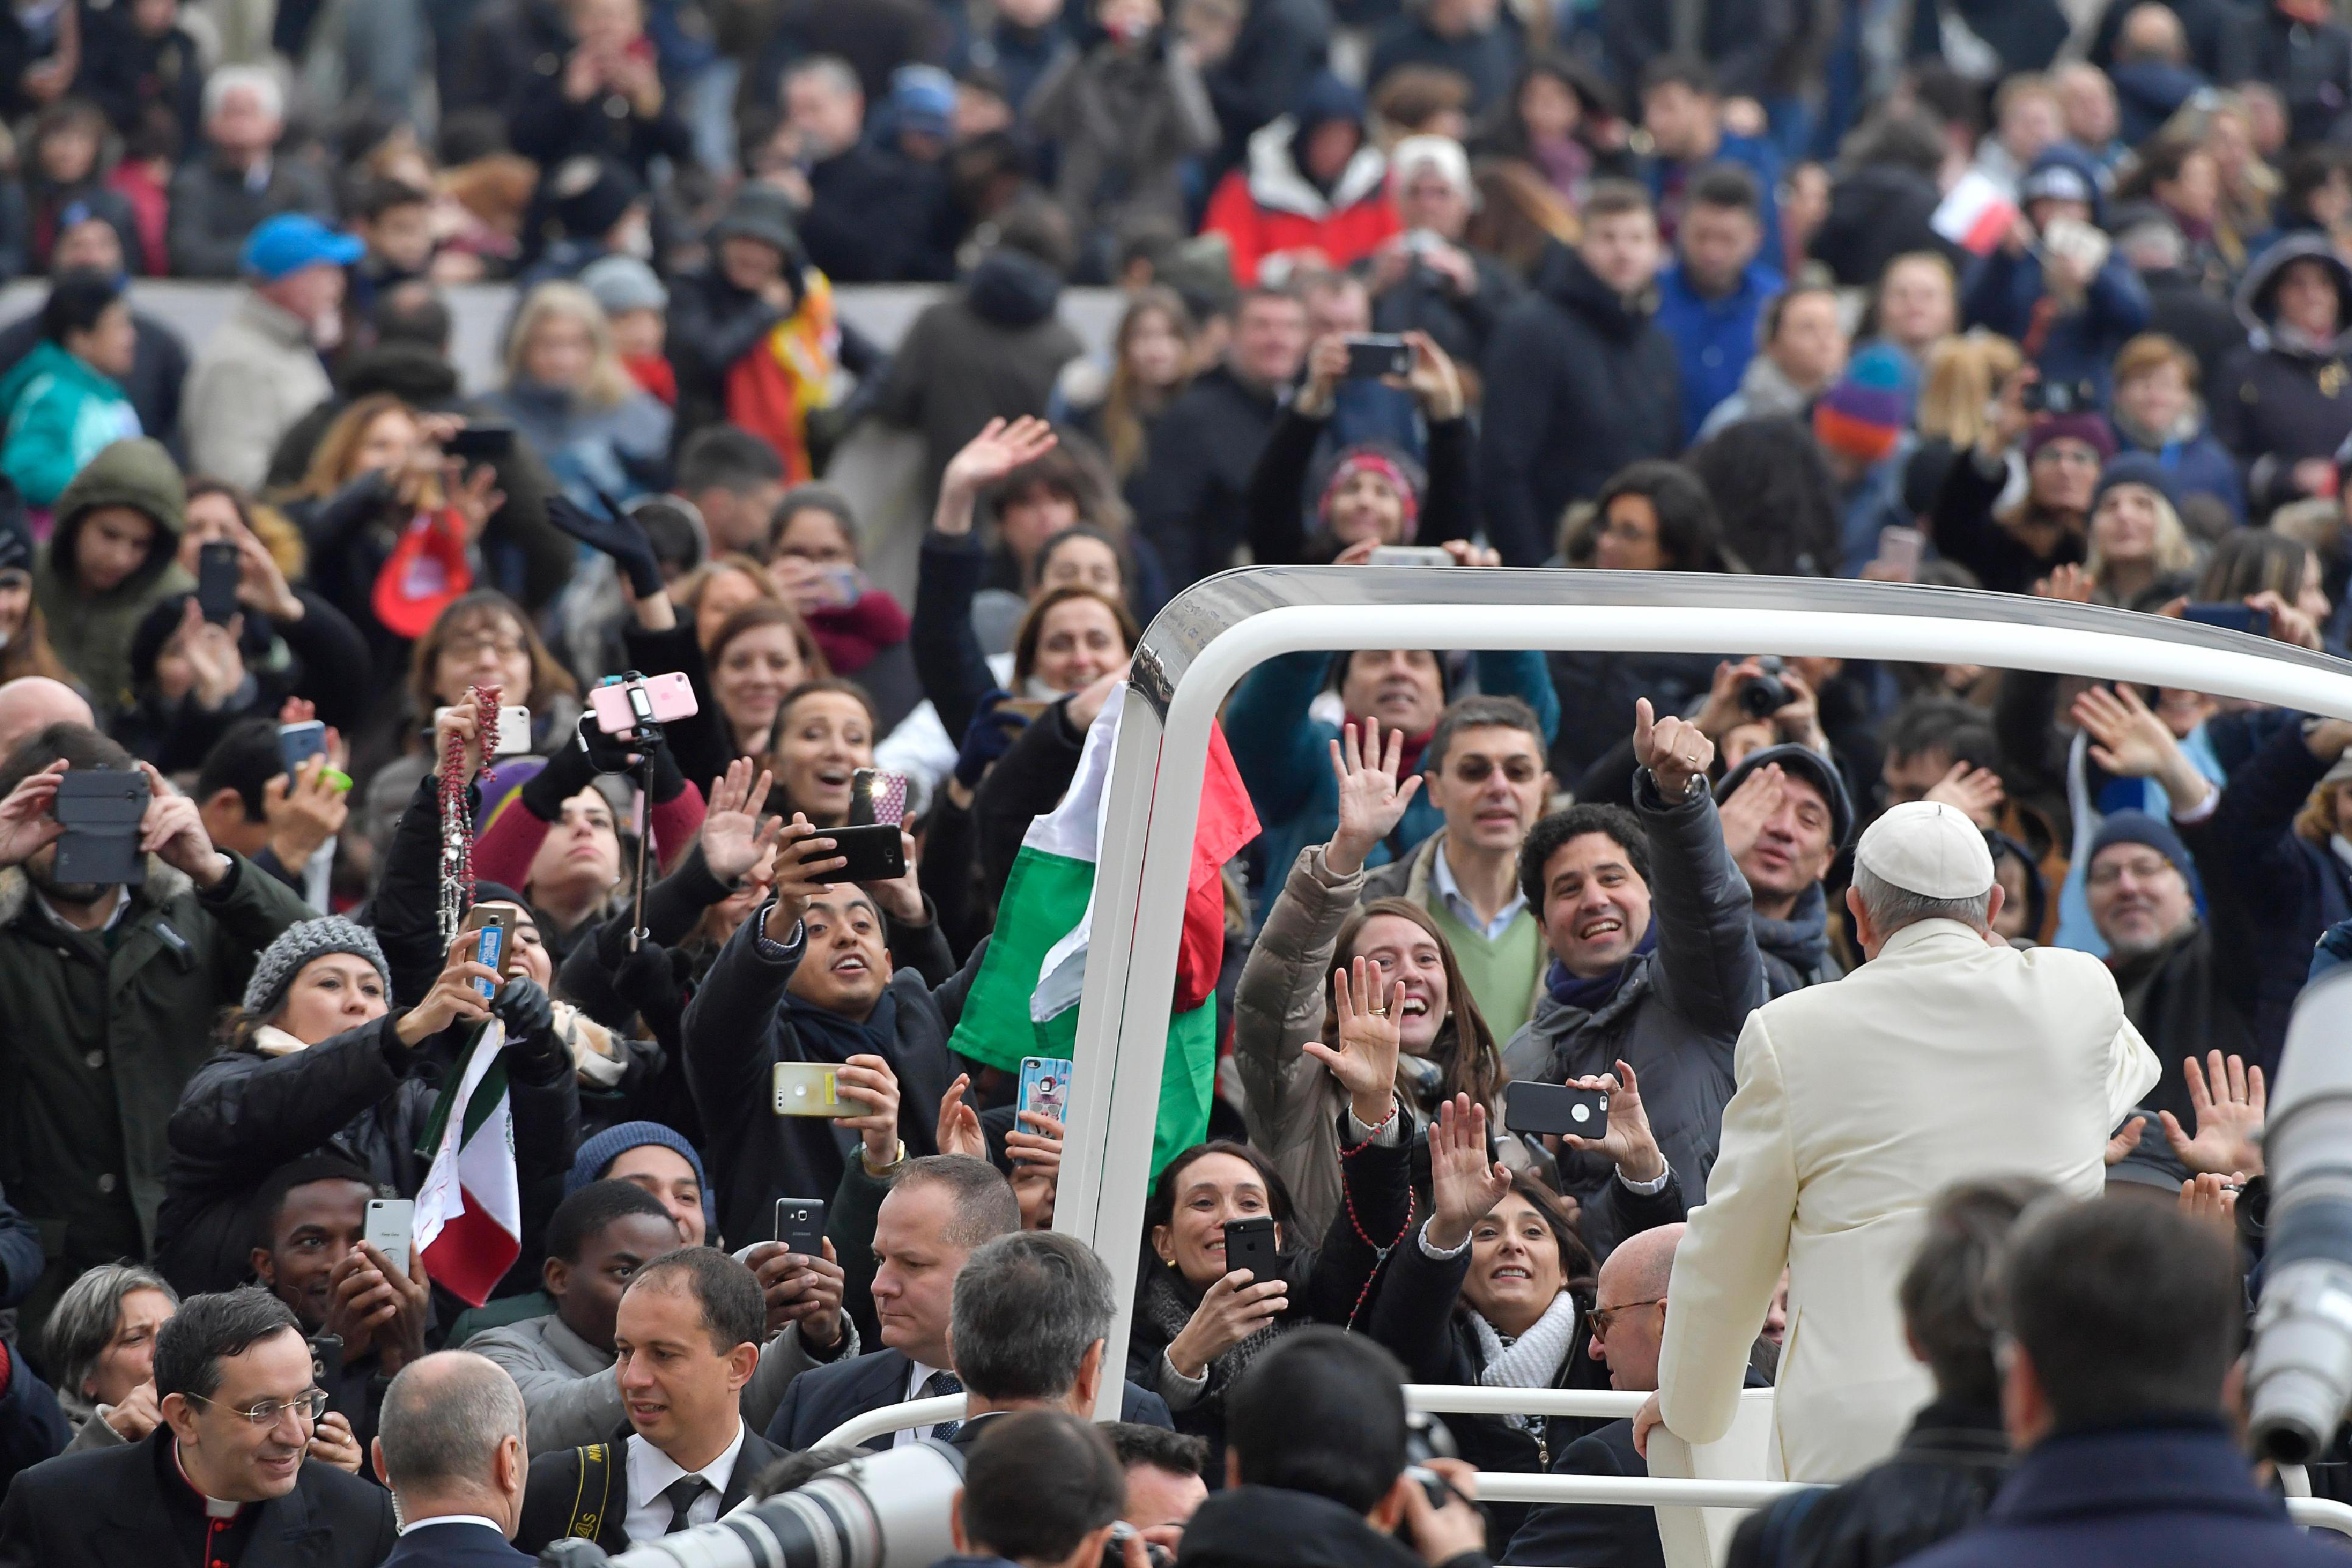 El Papa Francisco en la Audiencia General del 31/01/2018 © Vatican Media